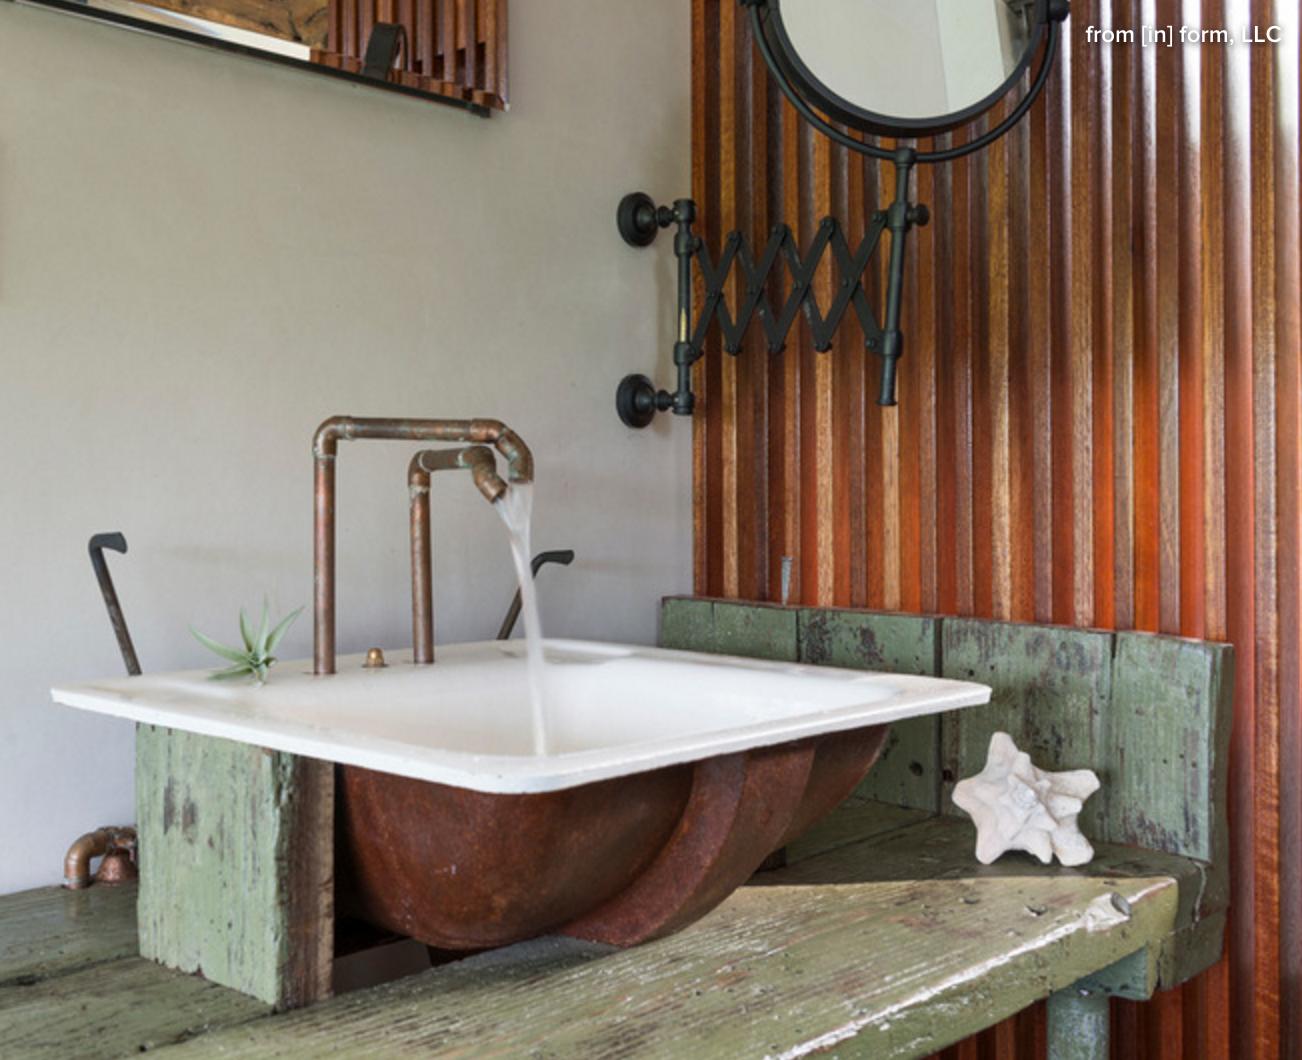 Épinglé par Re Design Architects sur Bathroom Carreaux